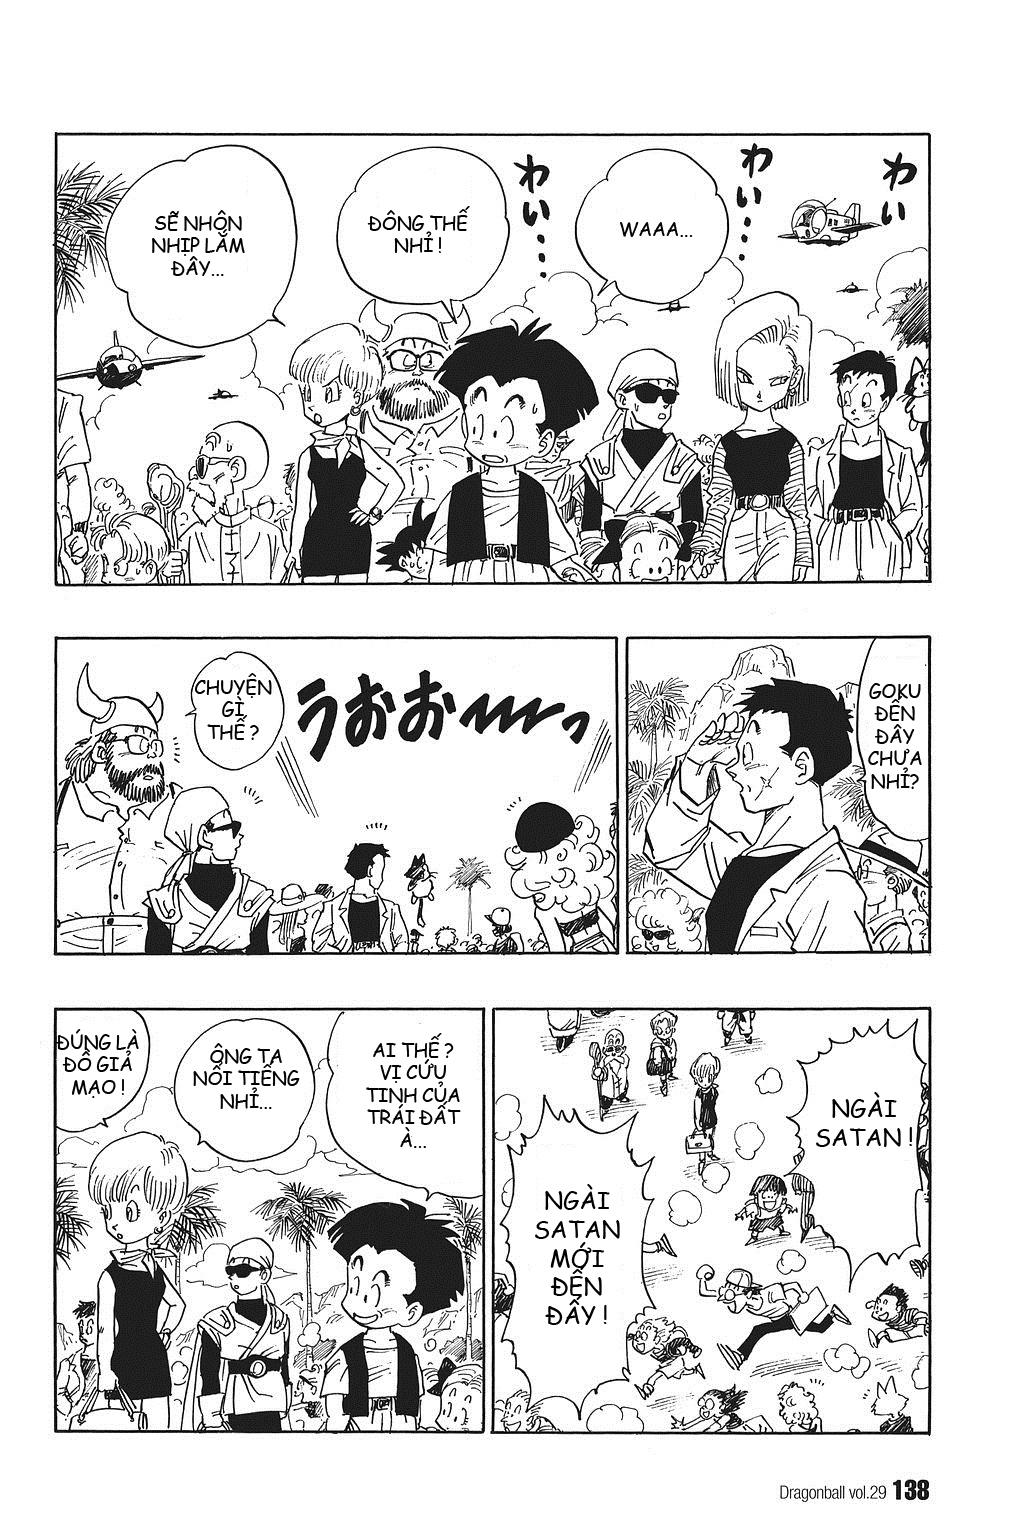 xem truyen moi - Dragon Ball Bản Vip - Bản Đẹp Nguyên Gốc Chap 430